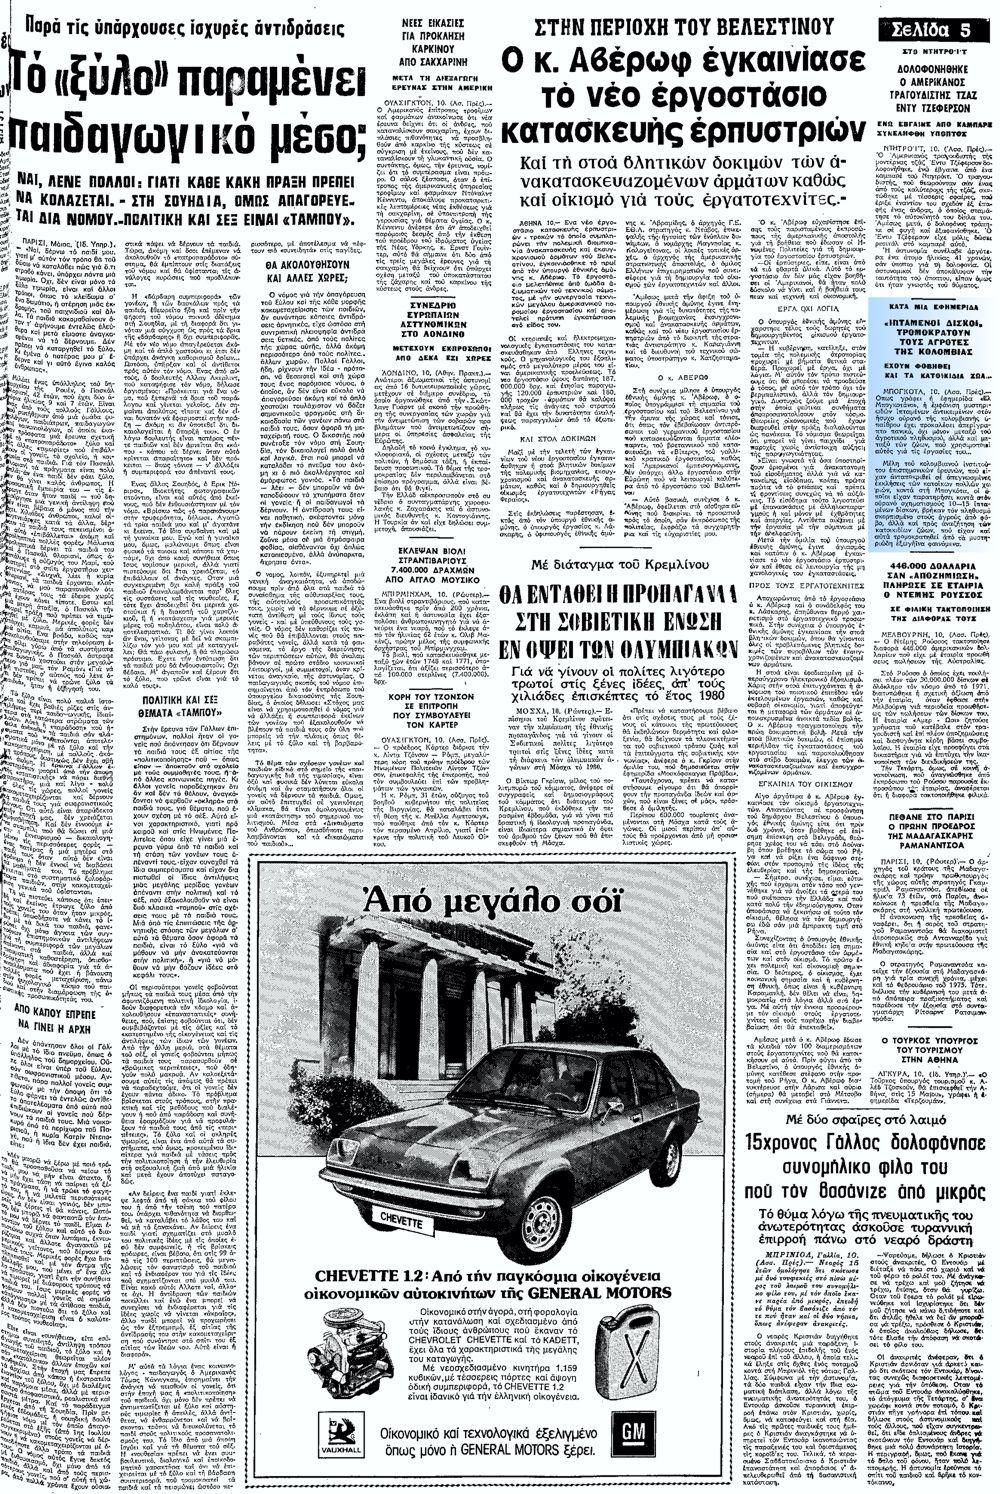 """Το άρθρο, όπως δημοσιεύθηκε στην εφημερίδα """"ΜΑΚΕΔΟΝΙΑ"""", στις 11/05/1979"""